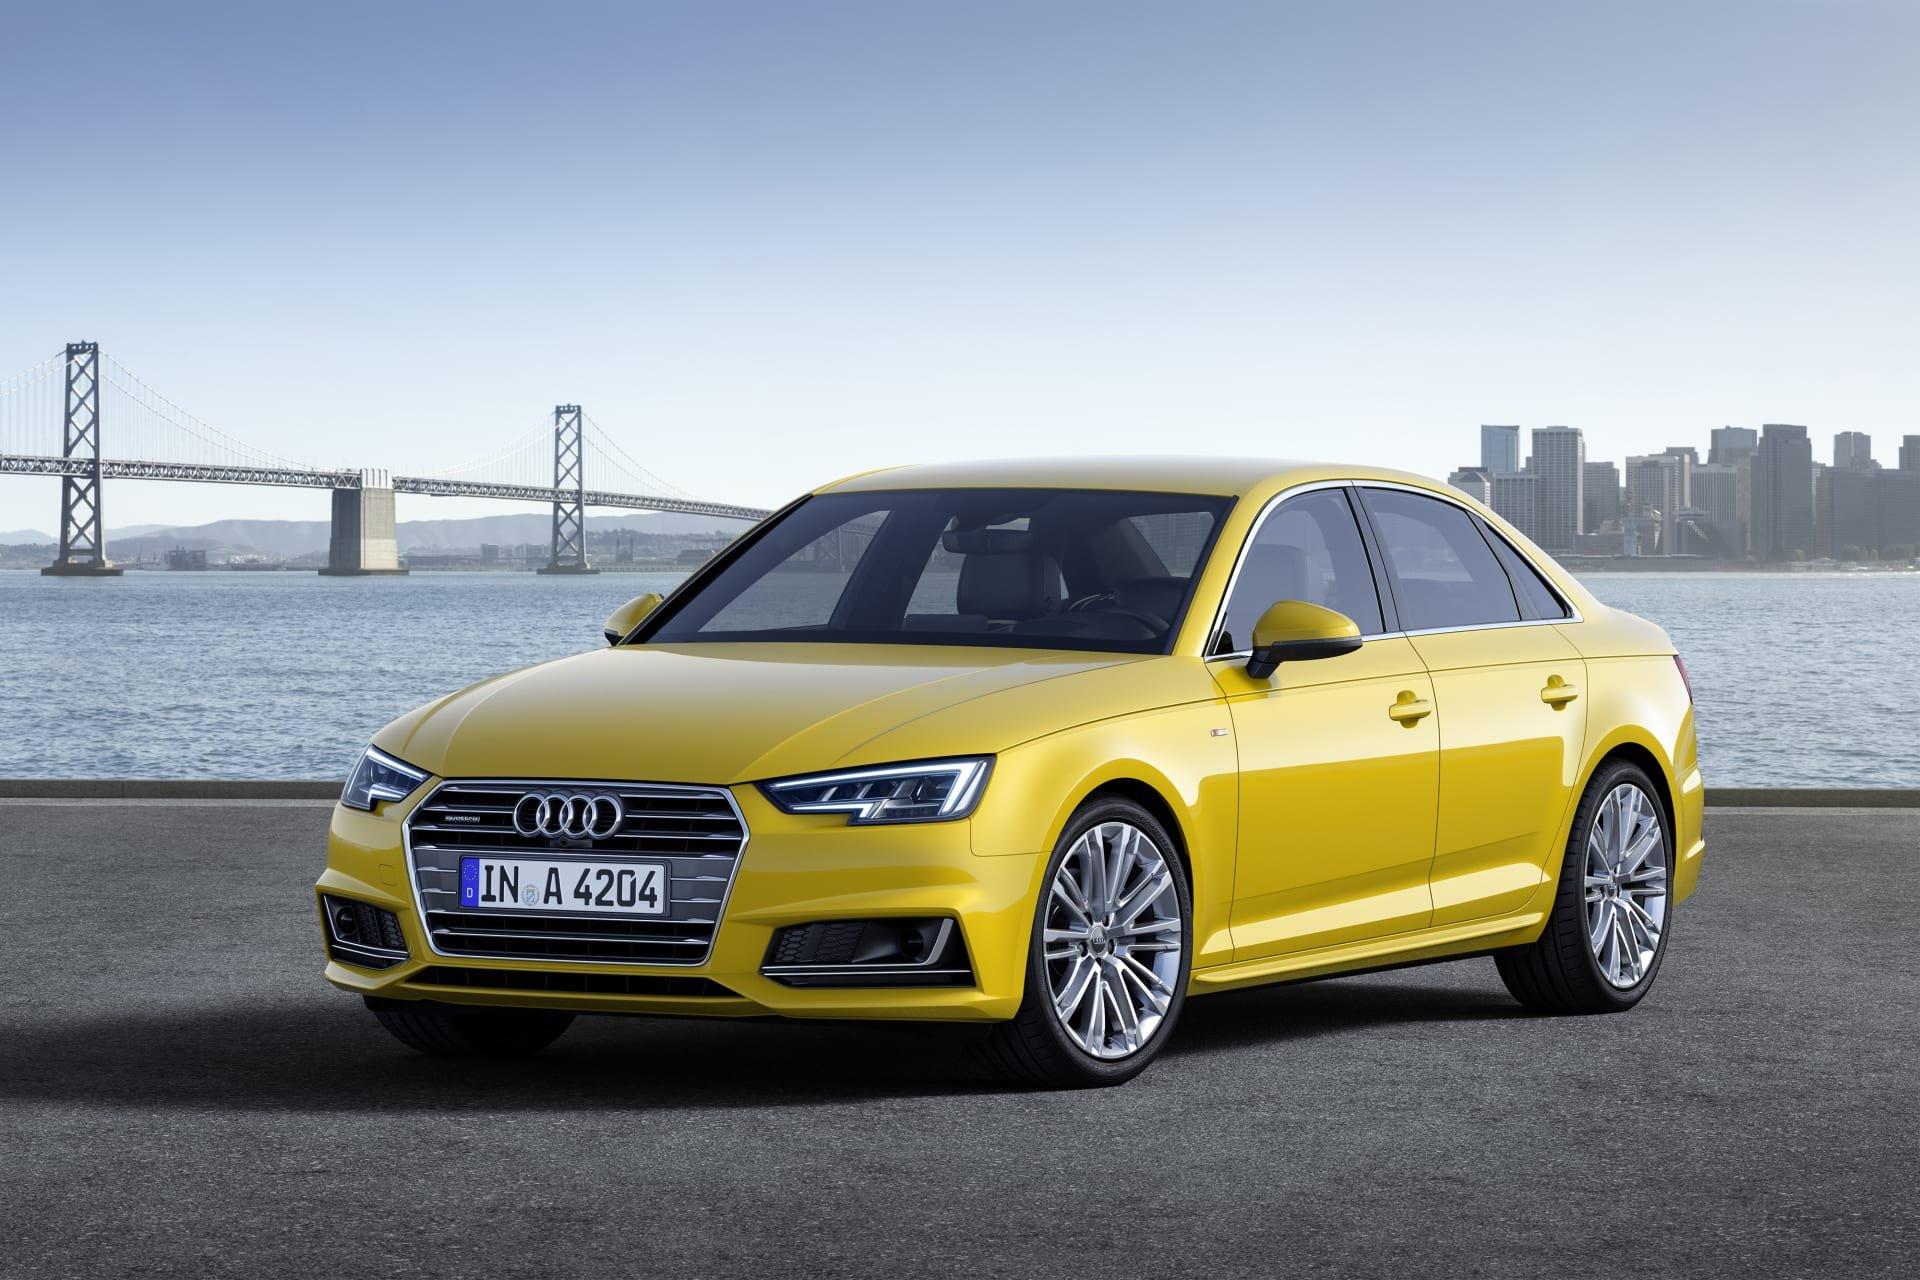 New 2019 Audi A4 2.0T quattro Premium Plus 2.0T quattro Premium Plus for sale $47,500 at M and V Leasing in Brooklyn NY 11223 1